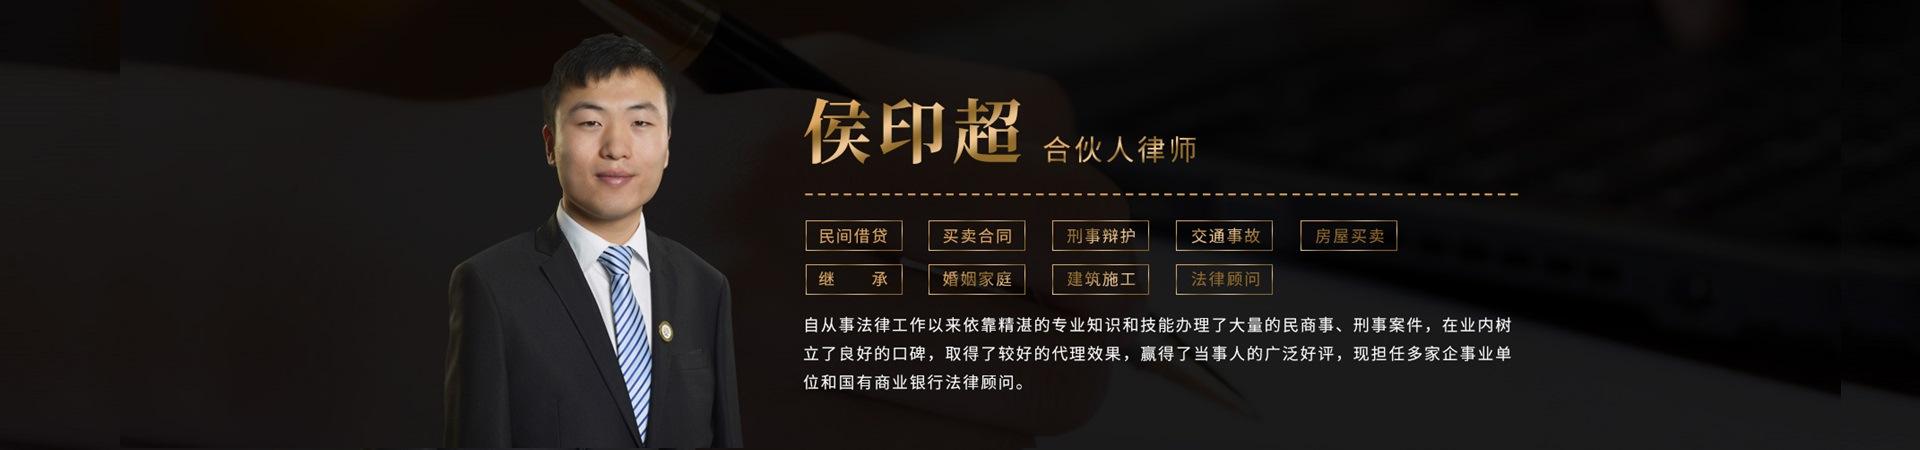 邯郸律师111